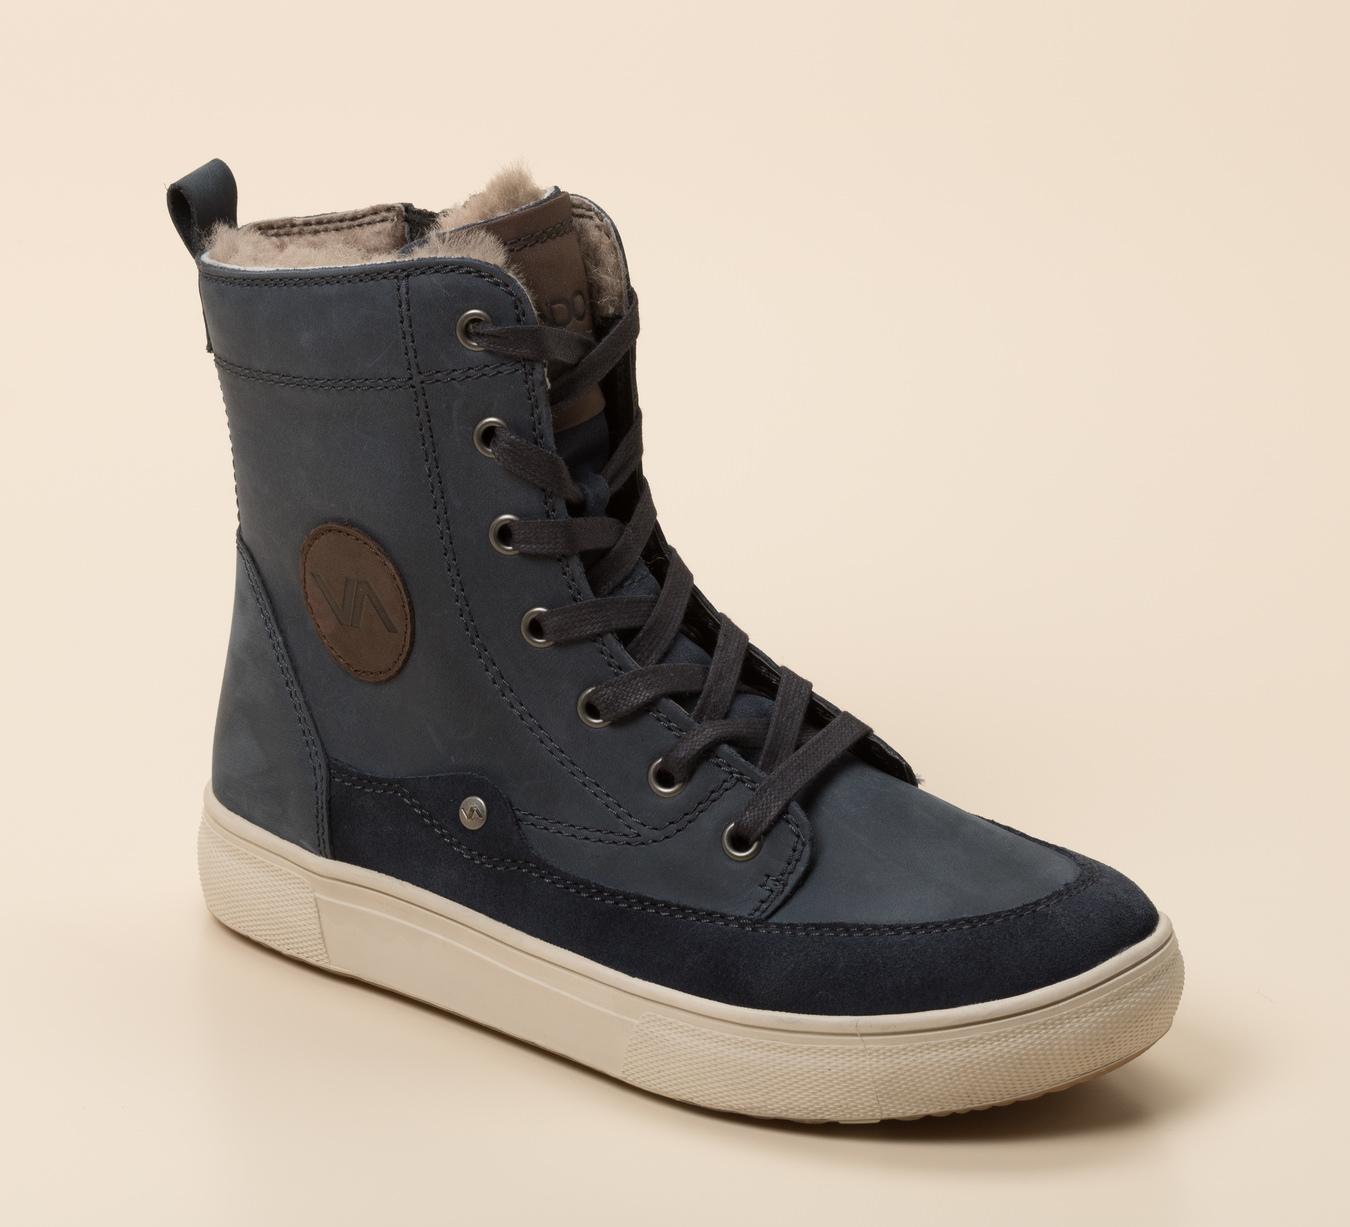 VADO Schuhe für Kinder günstig kaufen | mirapodo